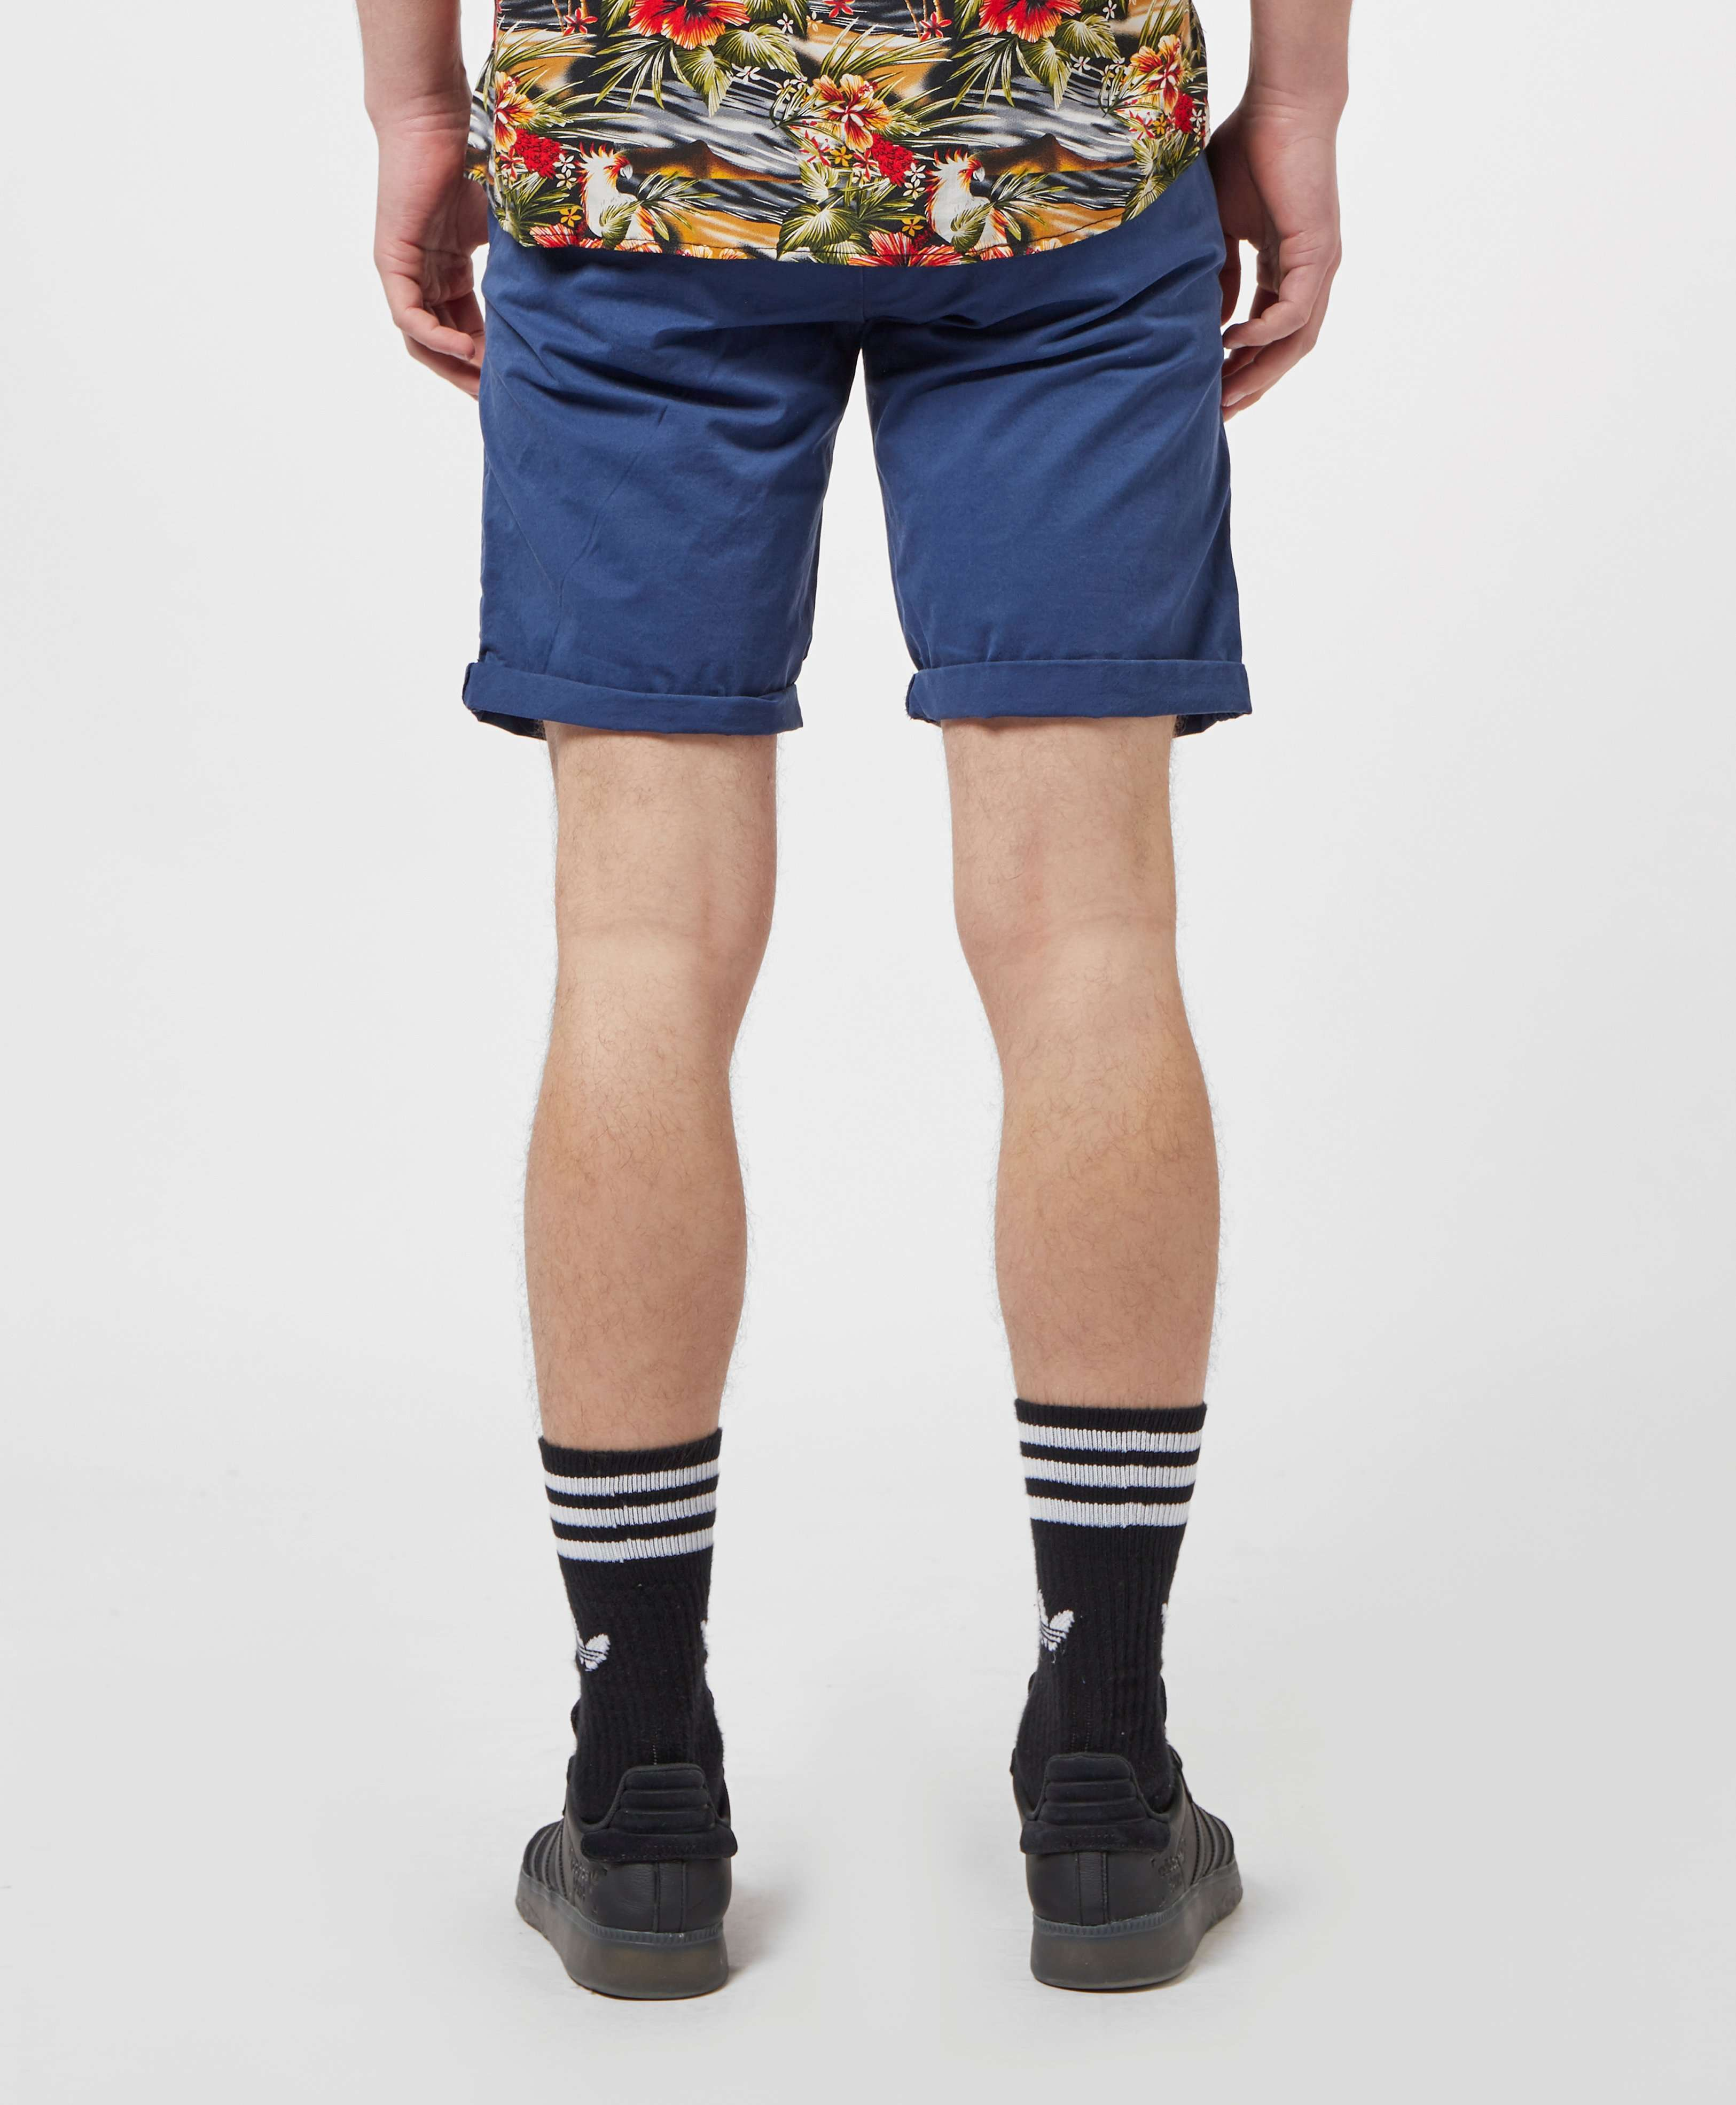 Guess Myron Chino Shorts